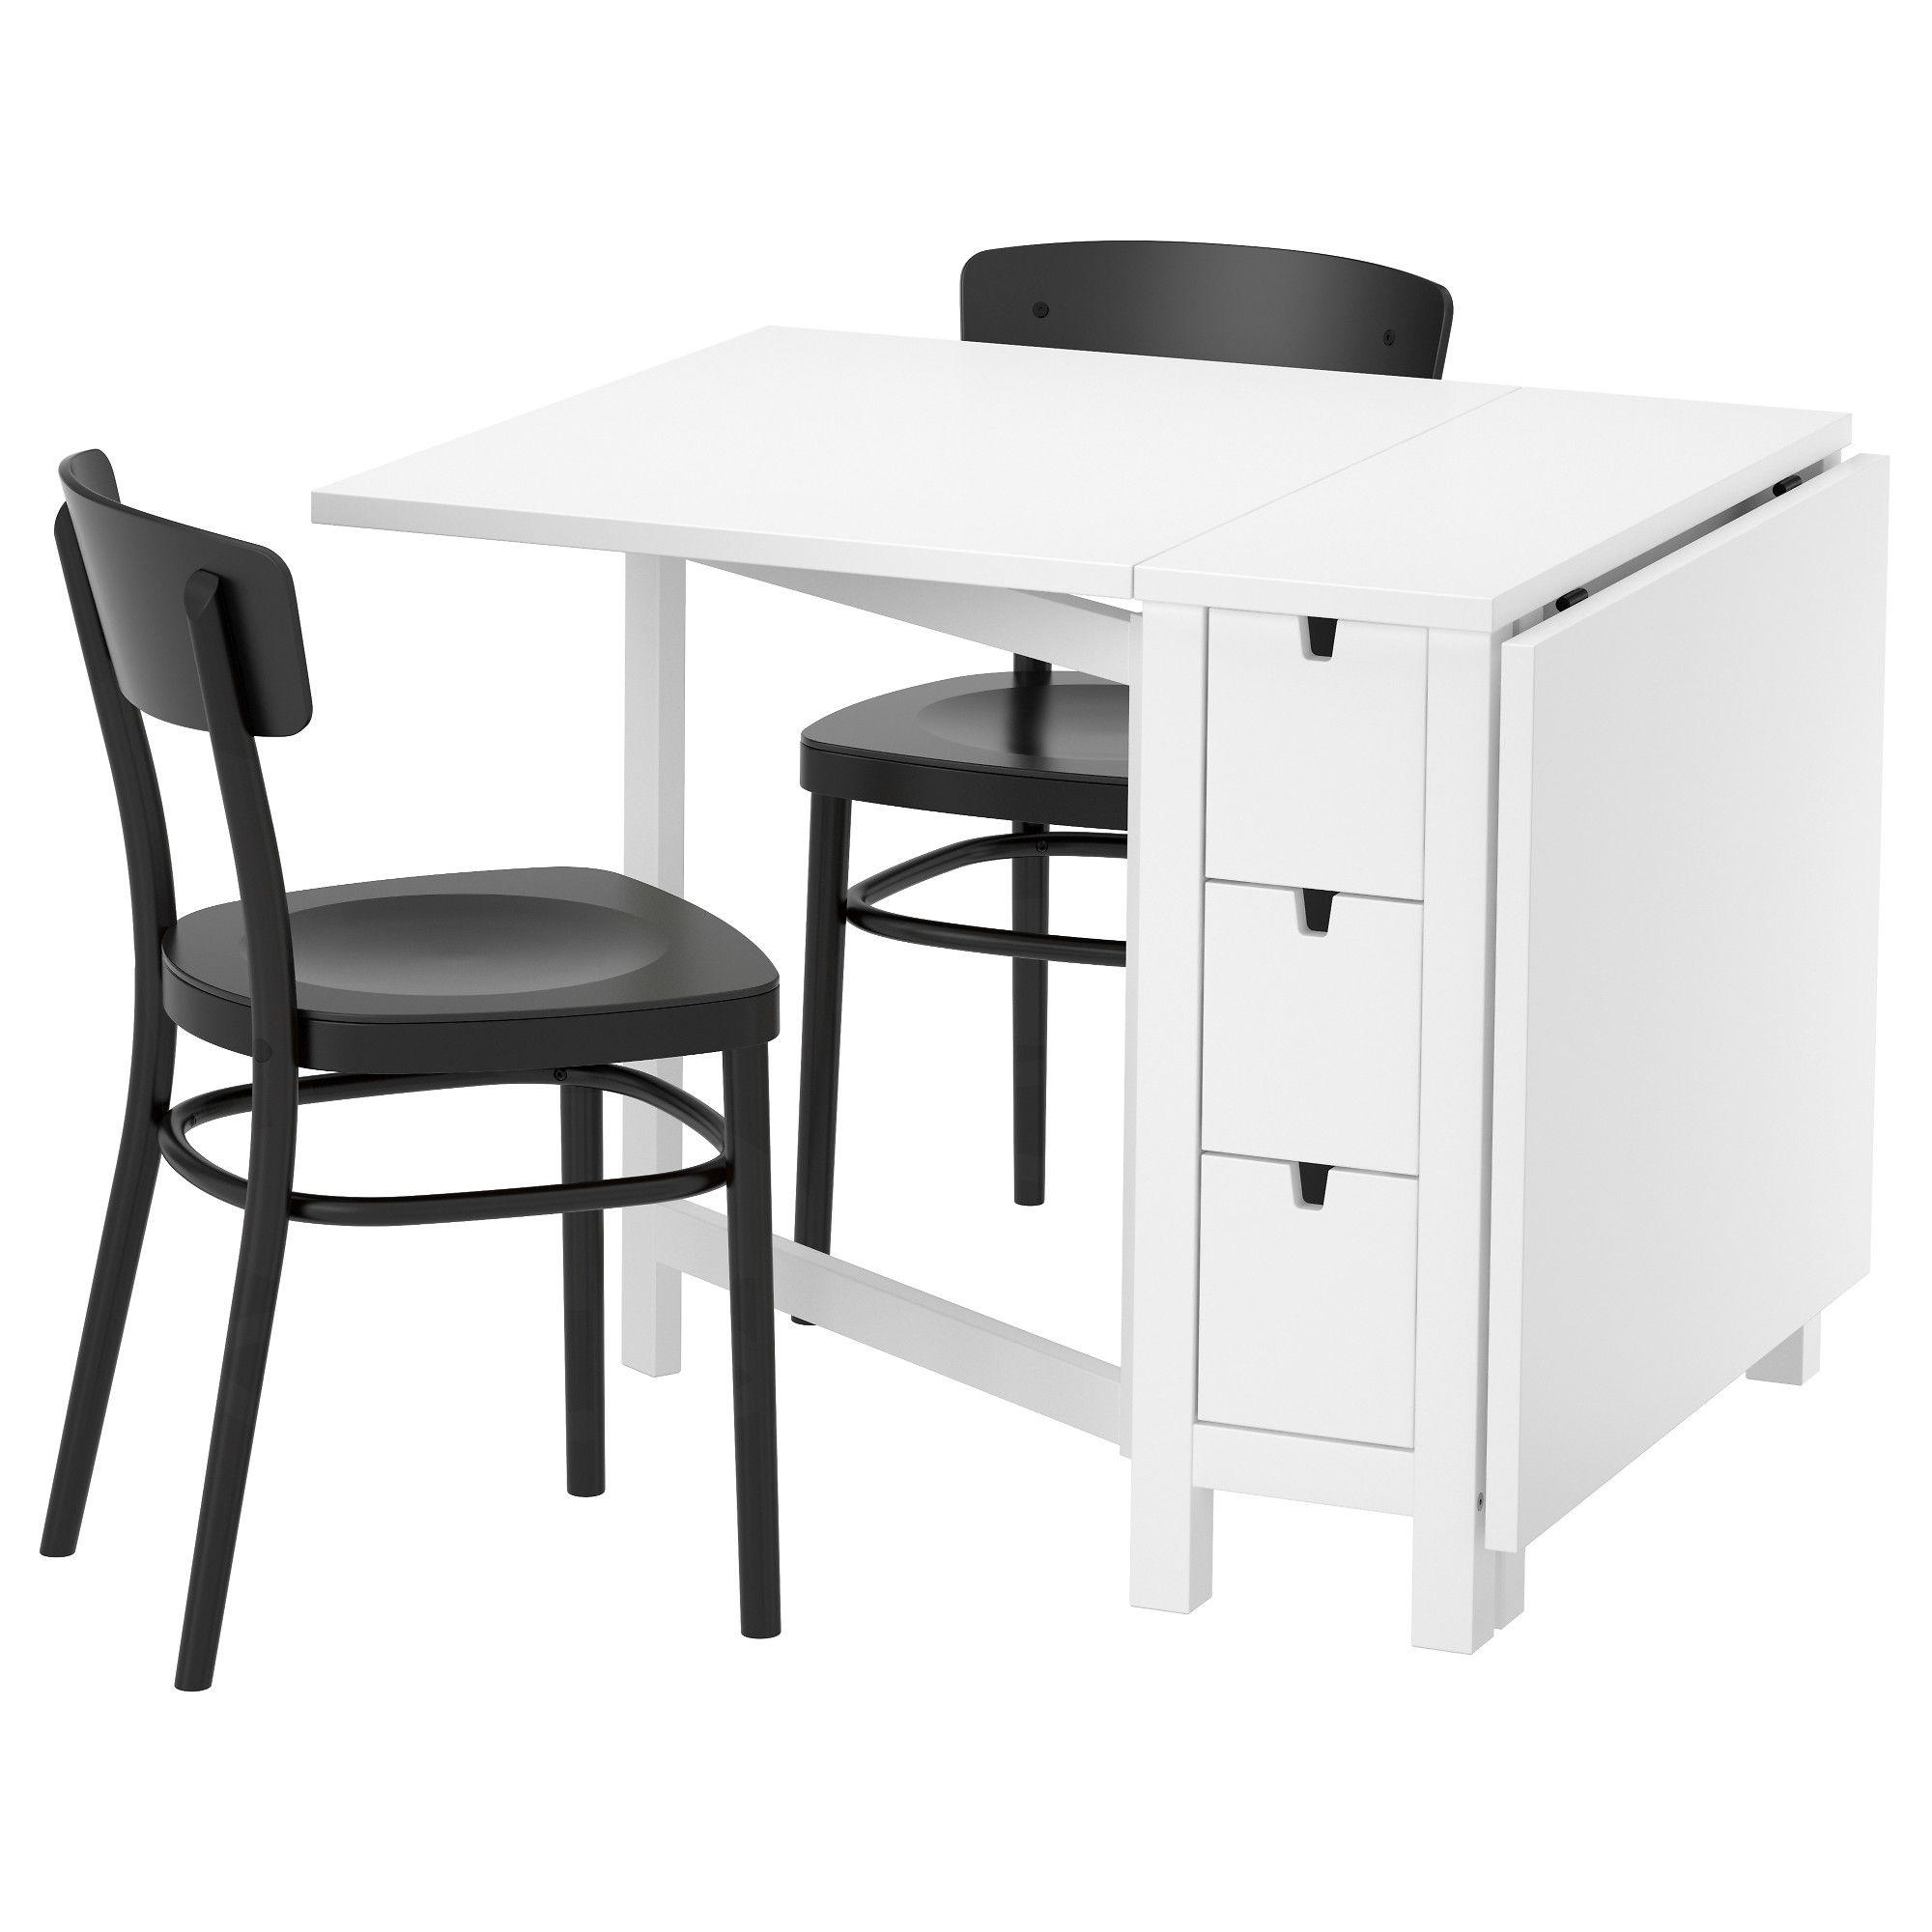 NORDEN / IDOLF Tisch und 2 Stühle, weiß, schwarz   Ideen